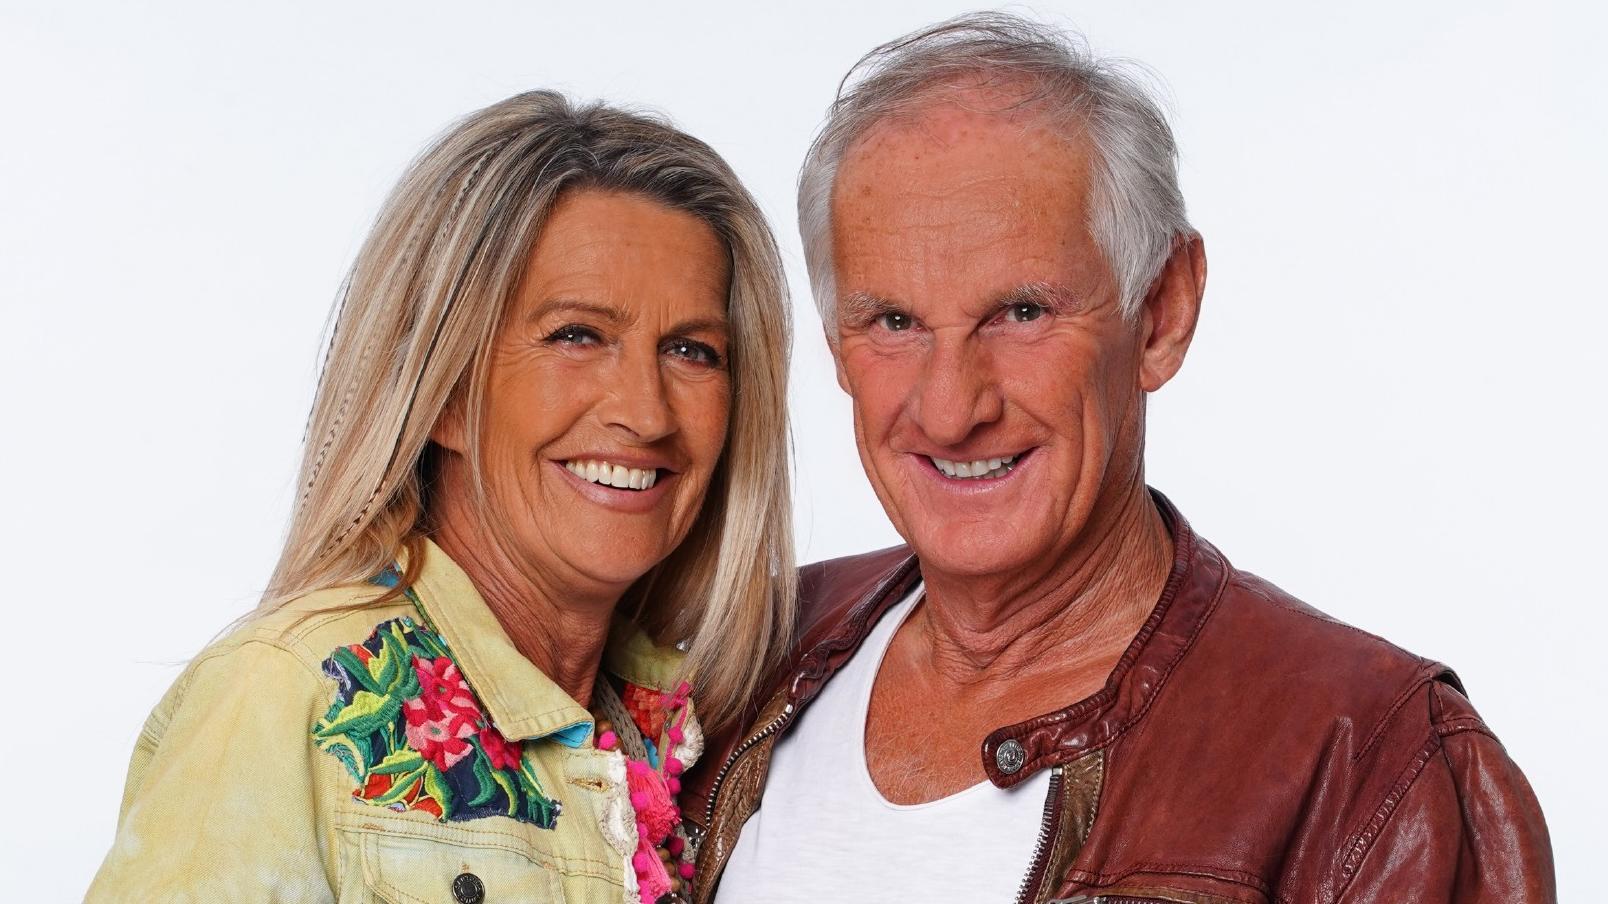 Der Hypnotiseur Martin Bolze (63) und die Designerin Michaela Scherer (53).